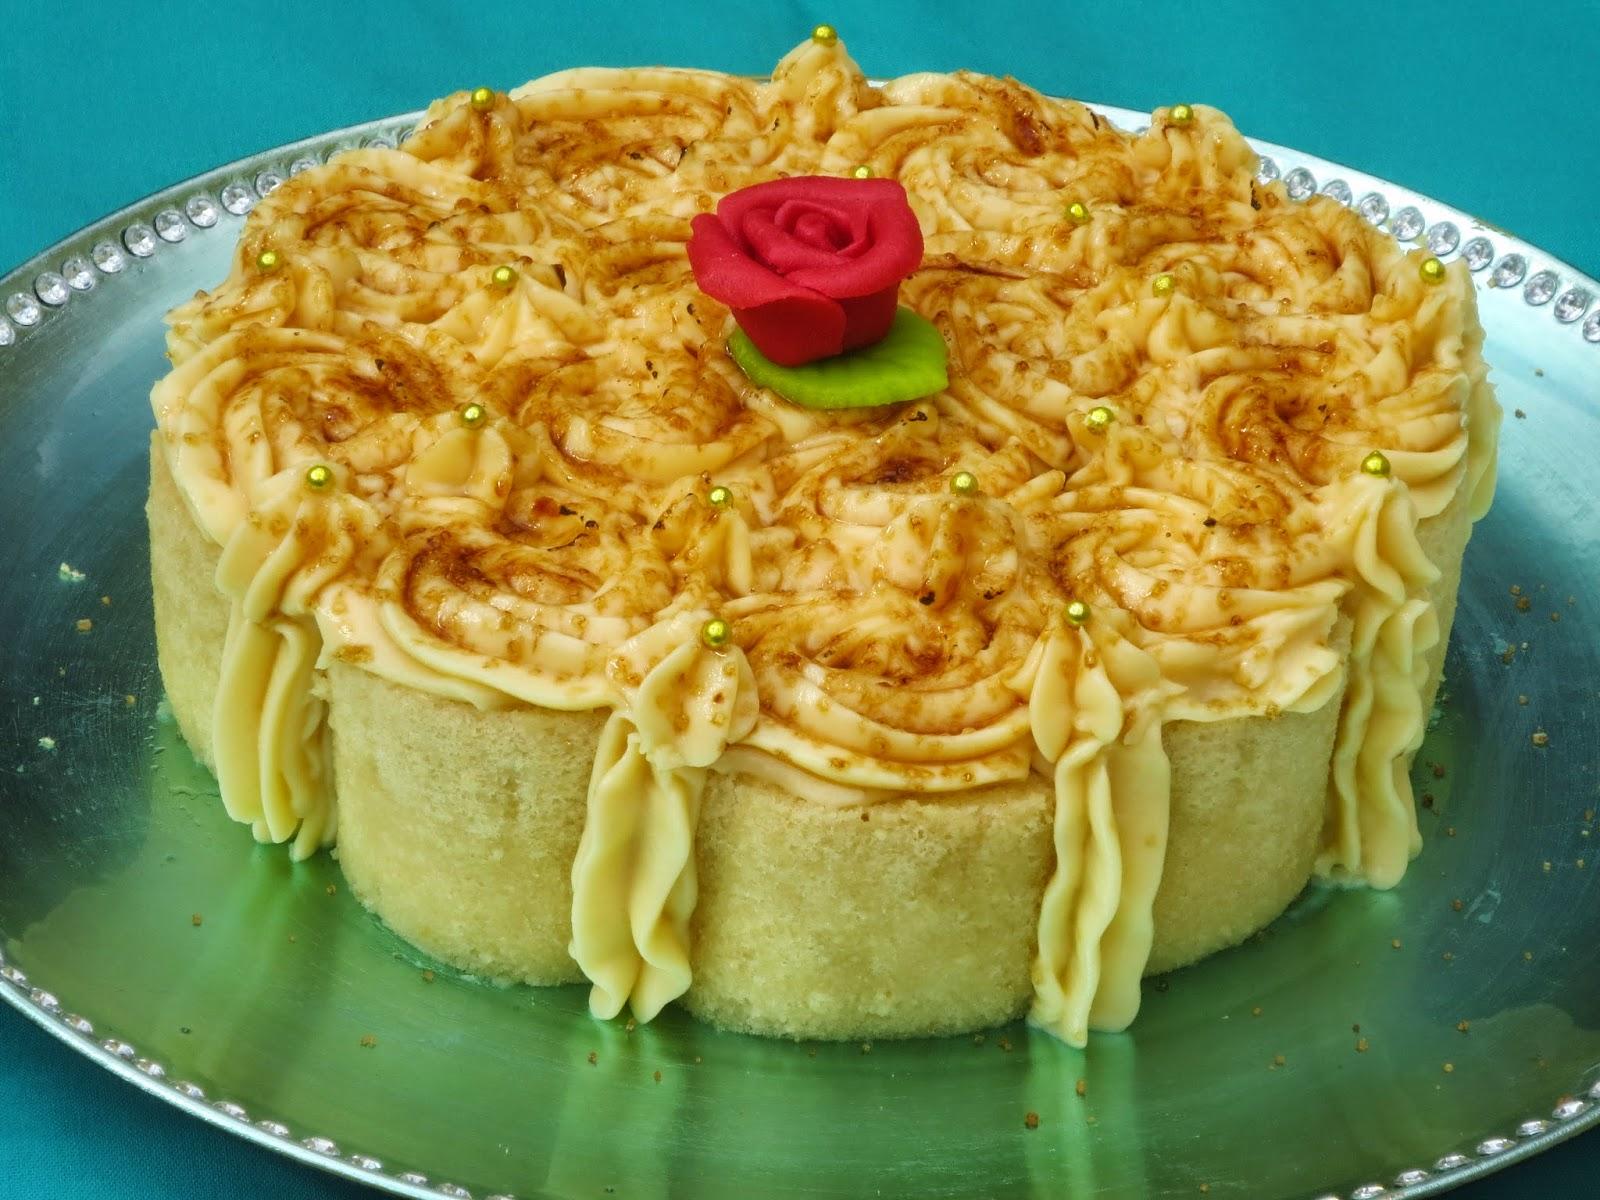 Tarta de piononos Ana Sevilla cocina tradicional